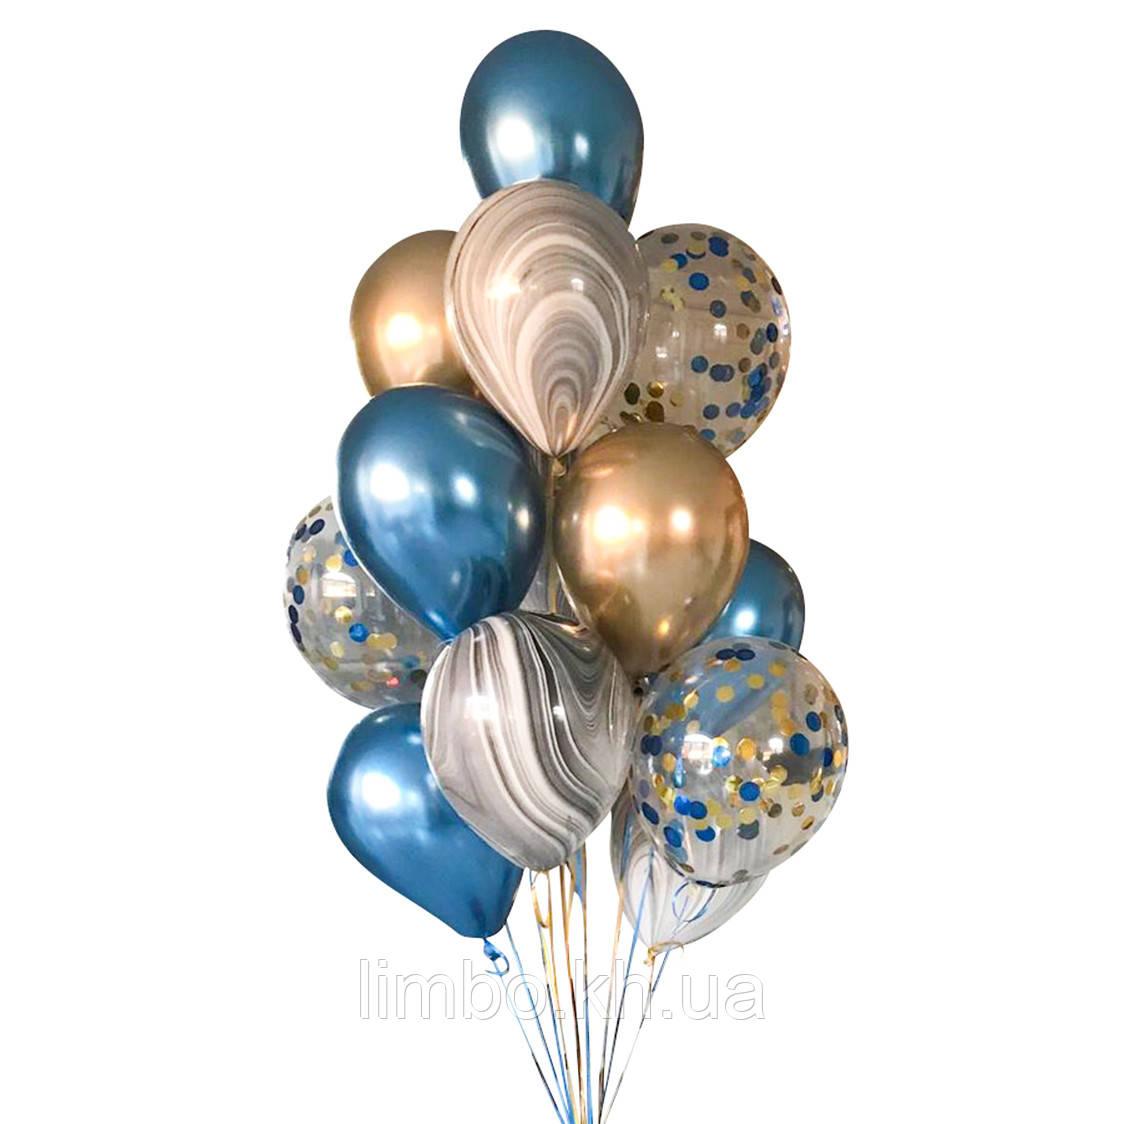 Композиции из шаров для мужчин в синем и золотом цвете